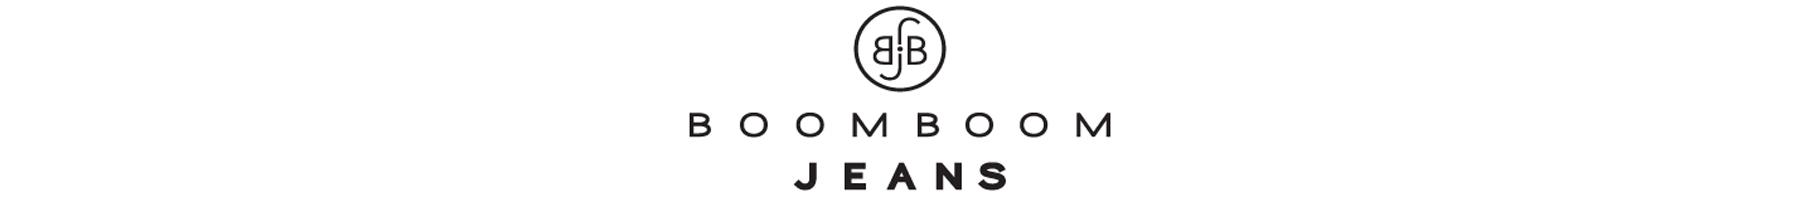 DrJays.com - Boom Boom Jeans